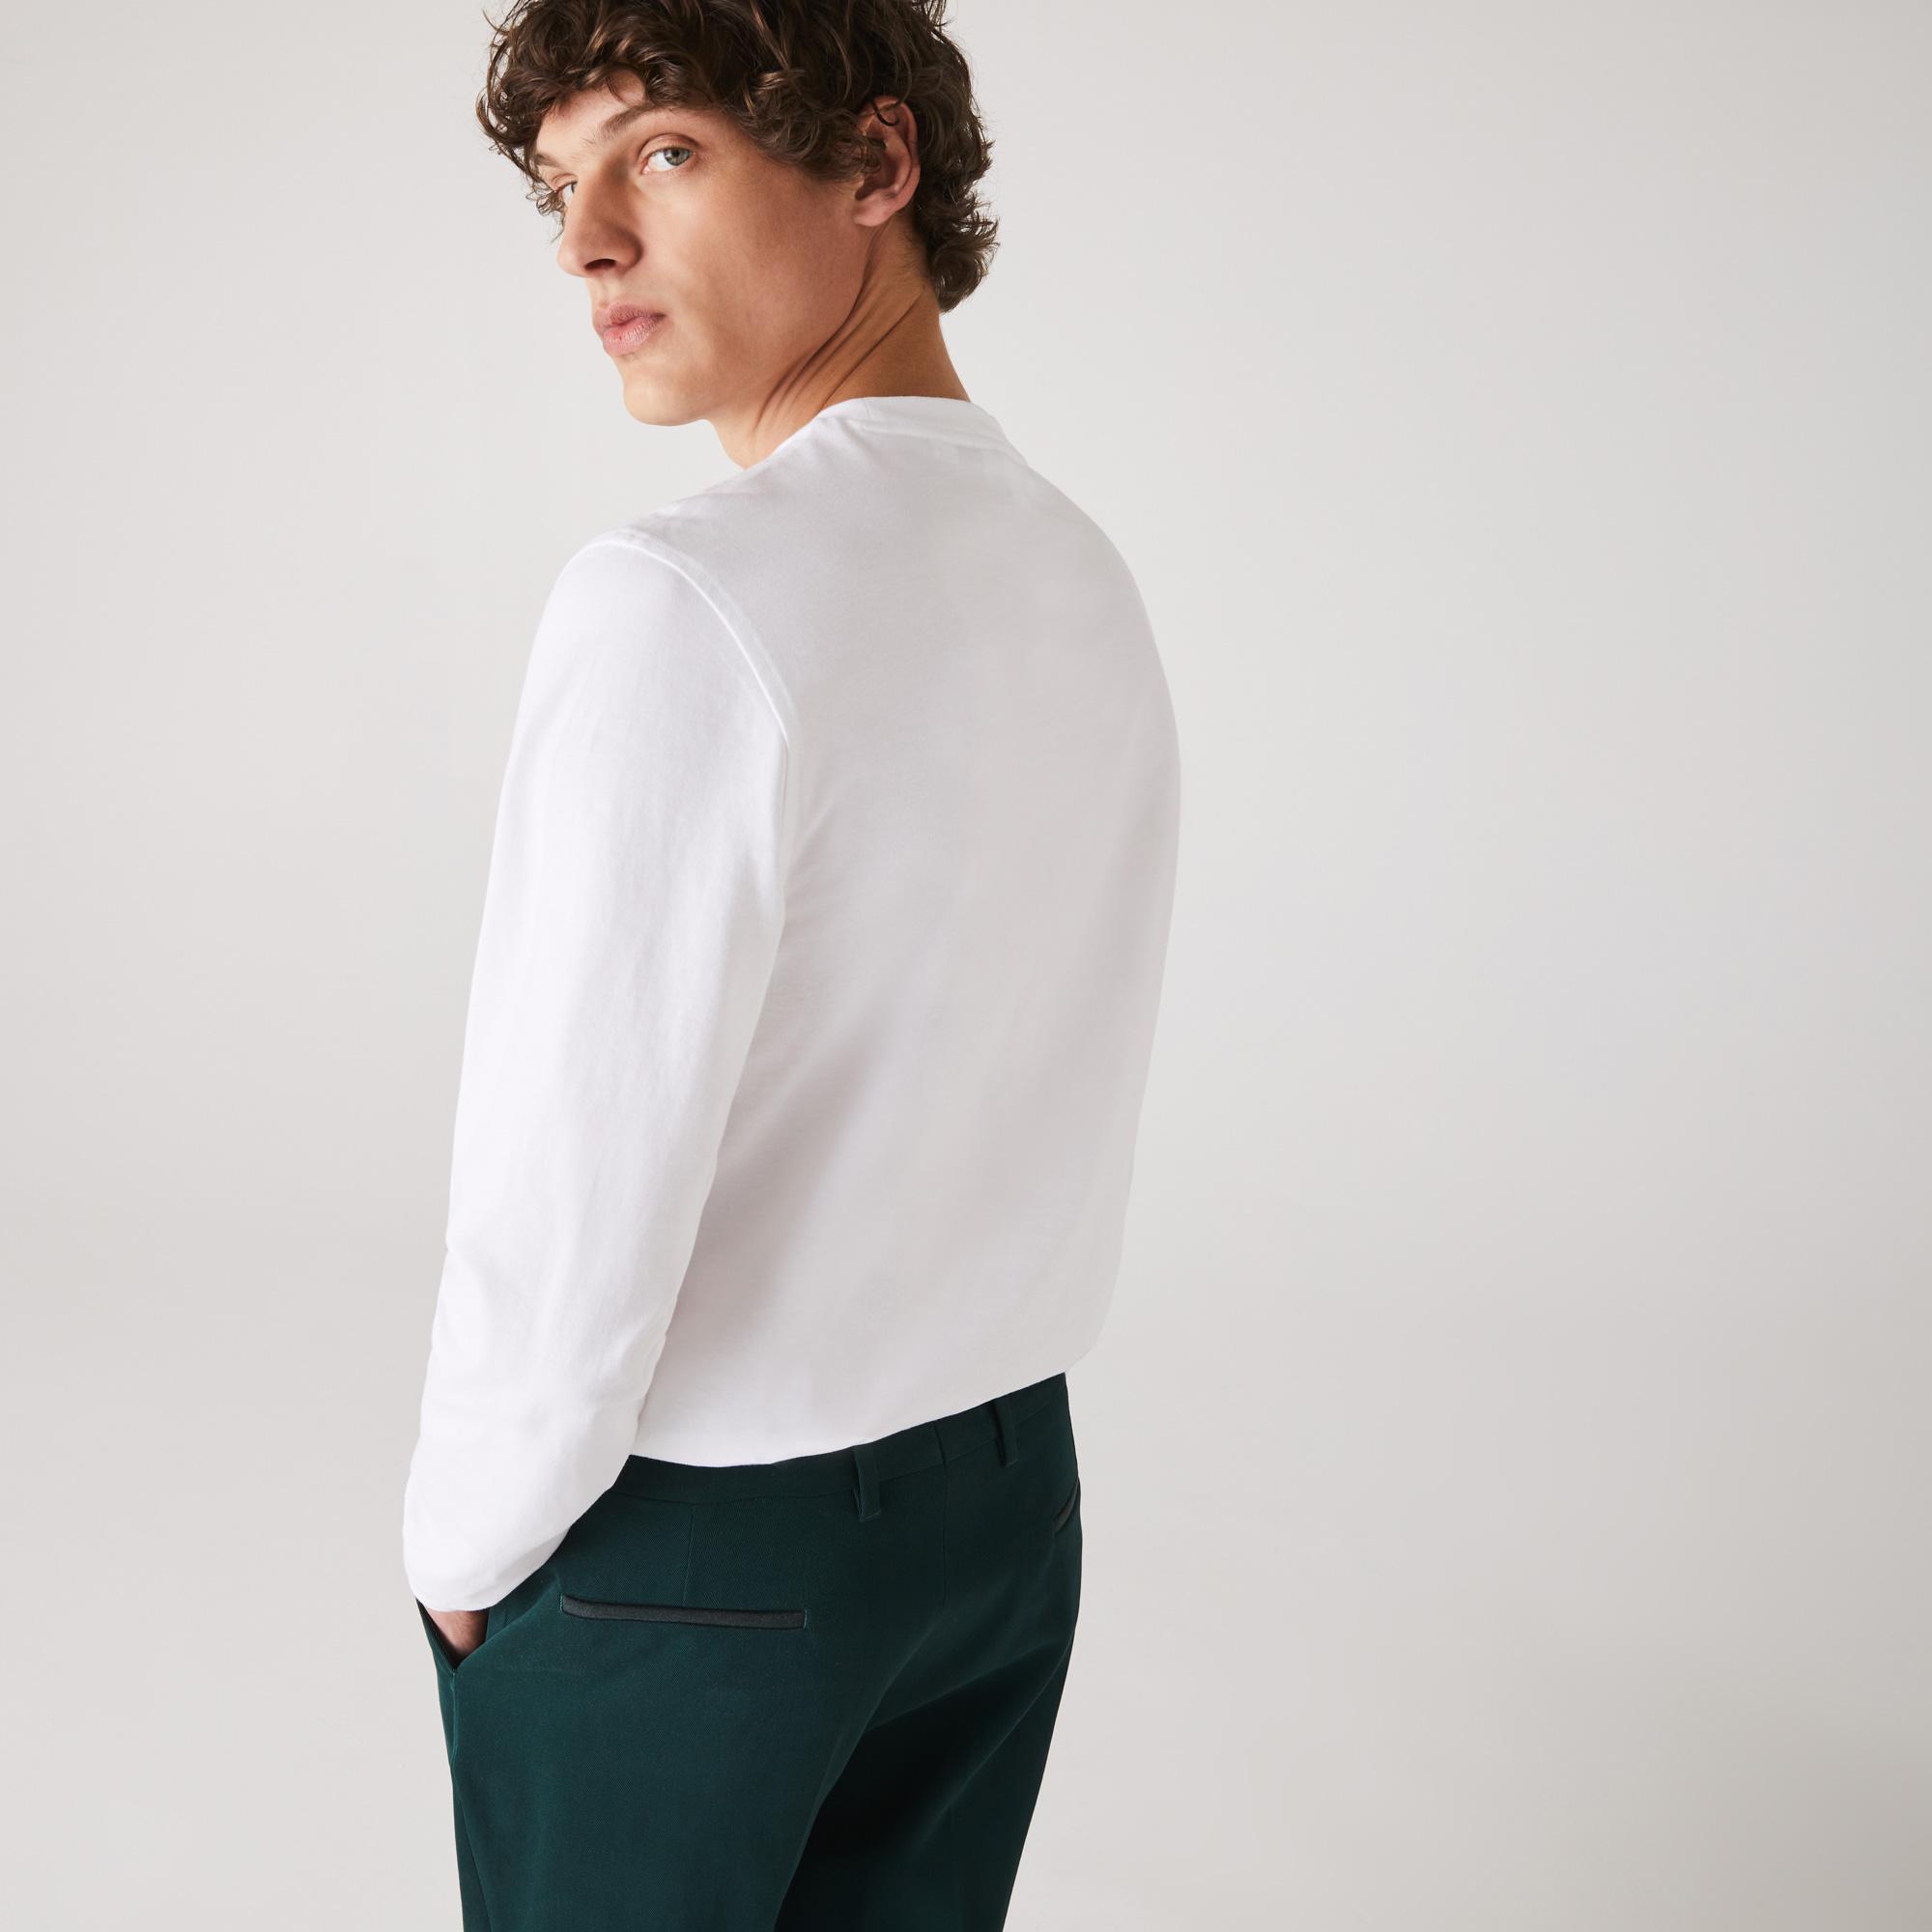 Lacoste Erkek Baskılı Uzun Kollu Beyaz T-Shirt